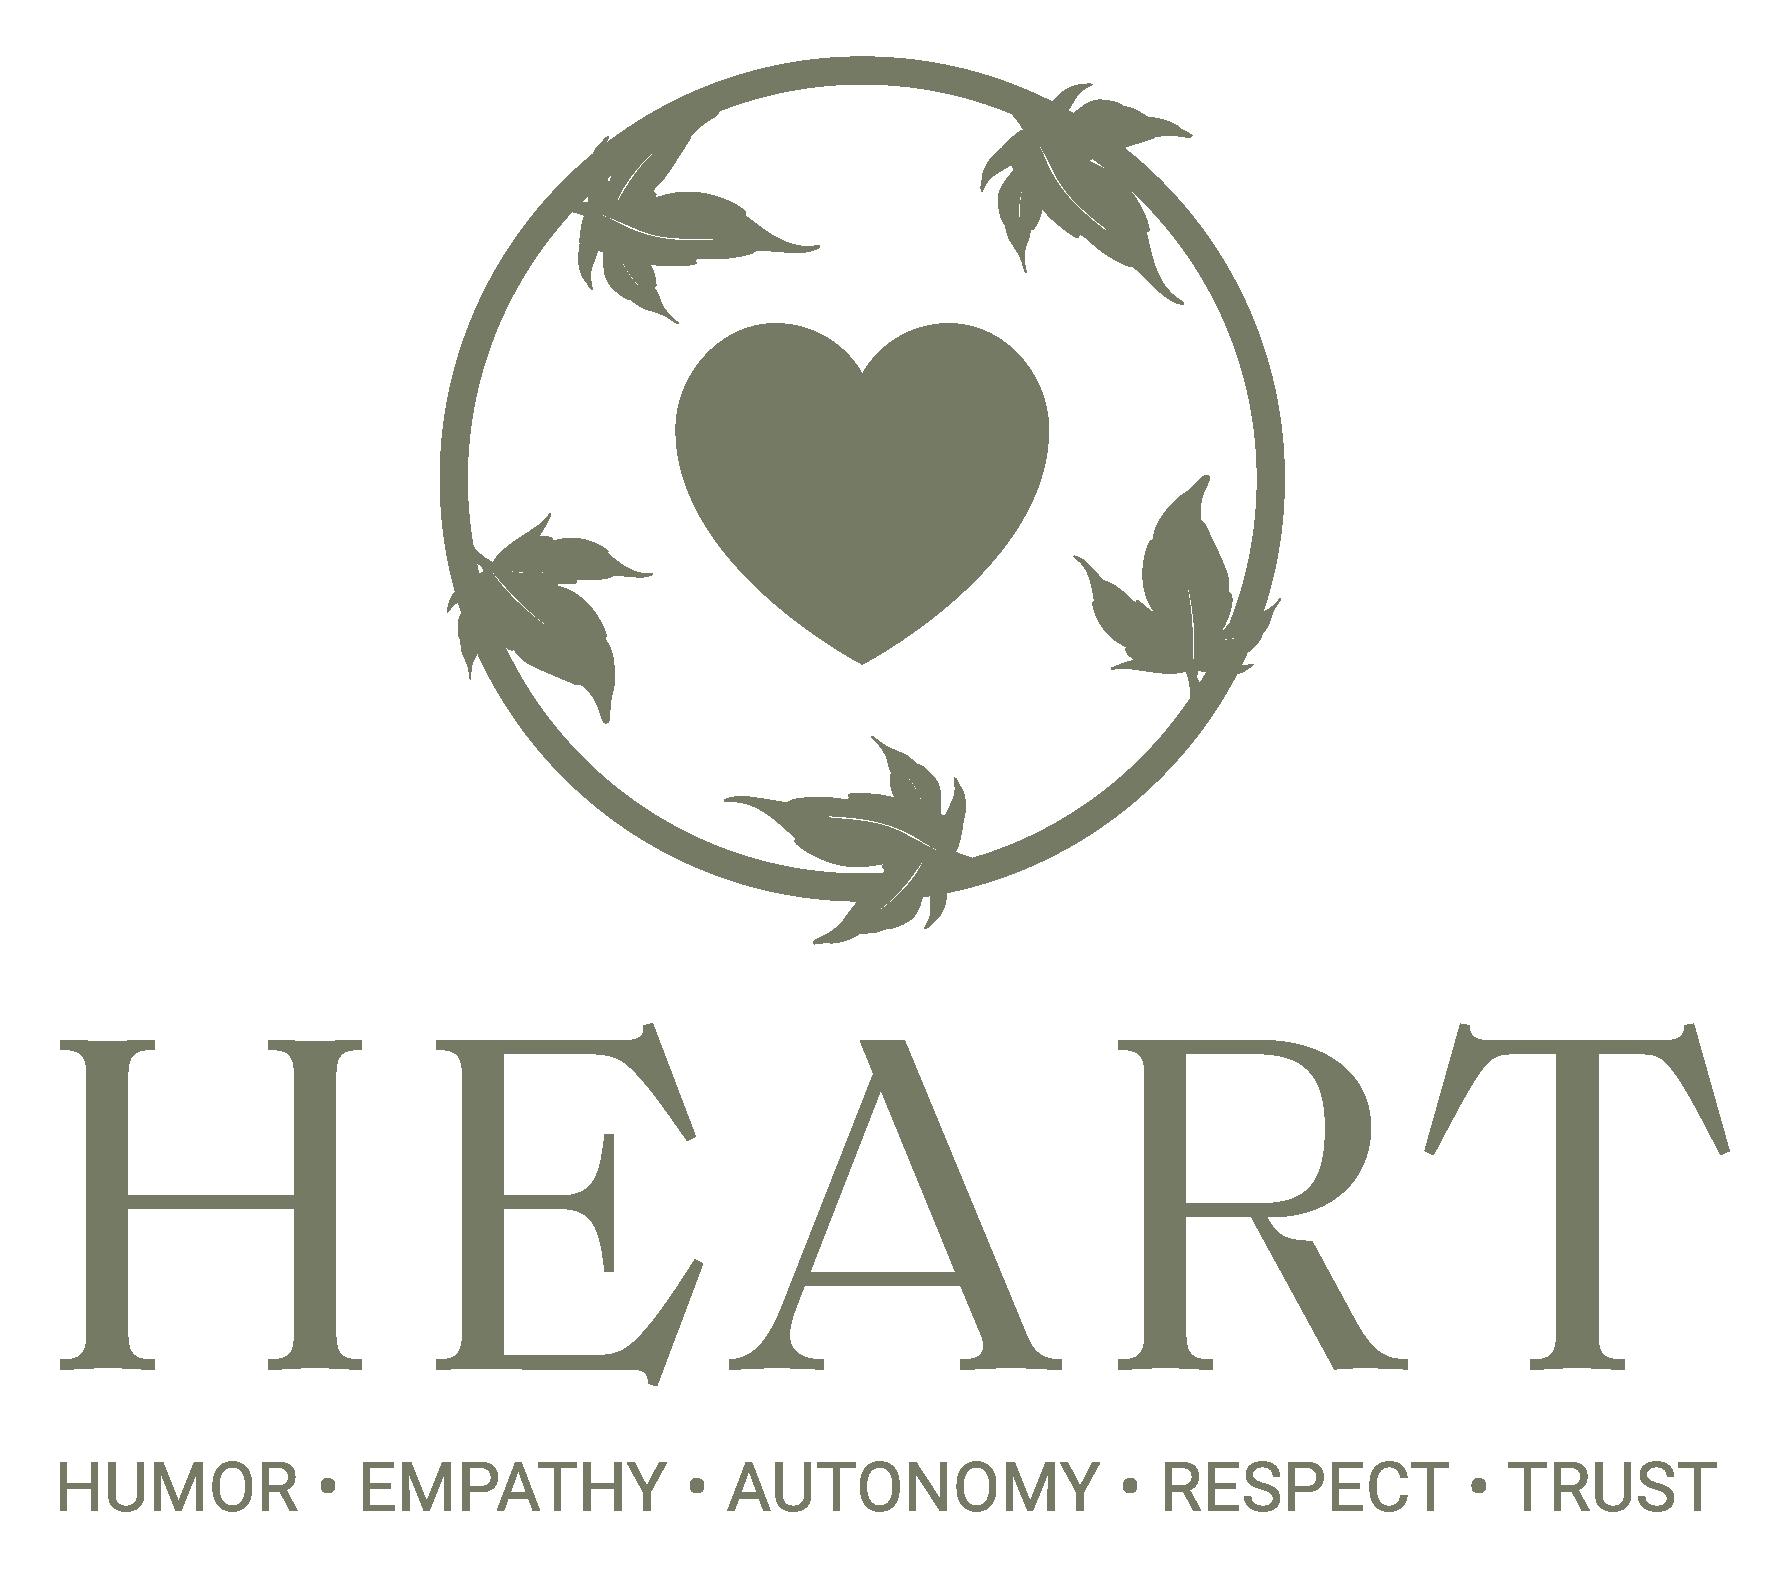 HEART - Humor, Empathy, Autonomy, Respect, Trust